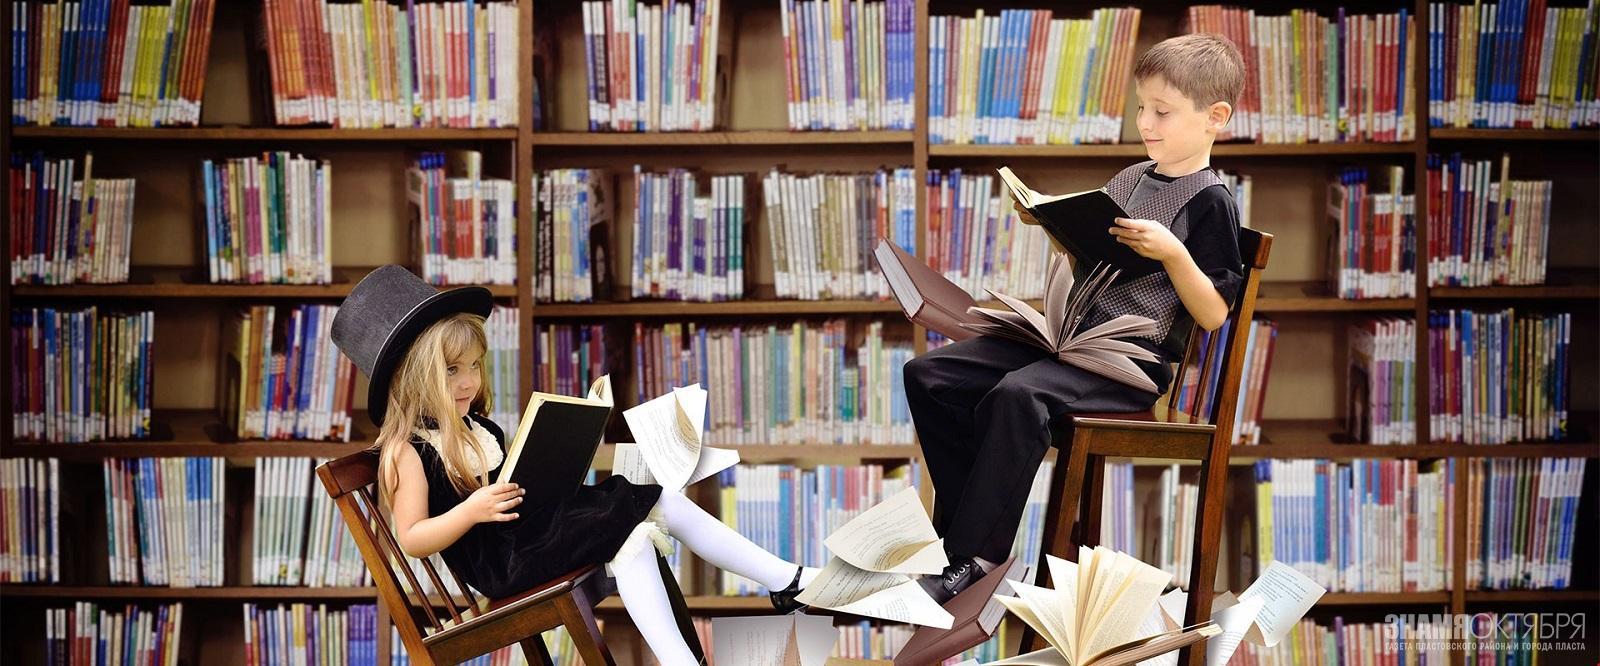 Приглашаем на районный фестиваль книги и чтения «Читаю я! Читаем мы! Читают все!».